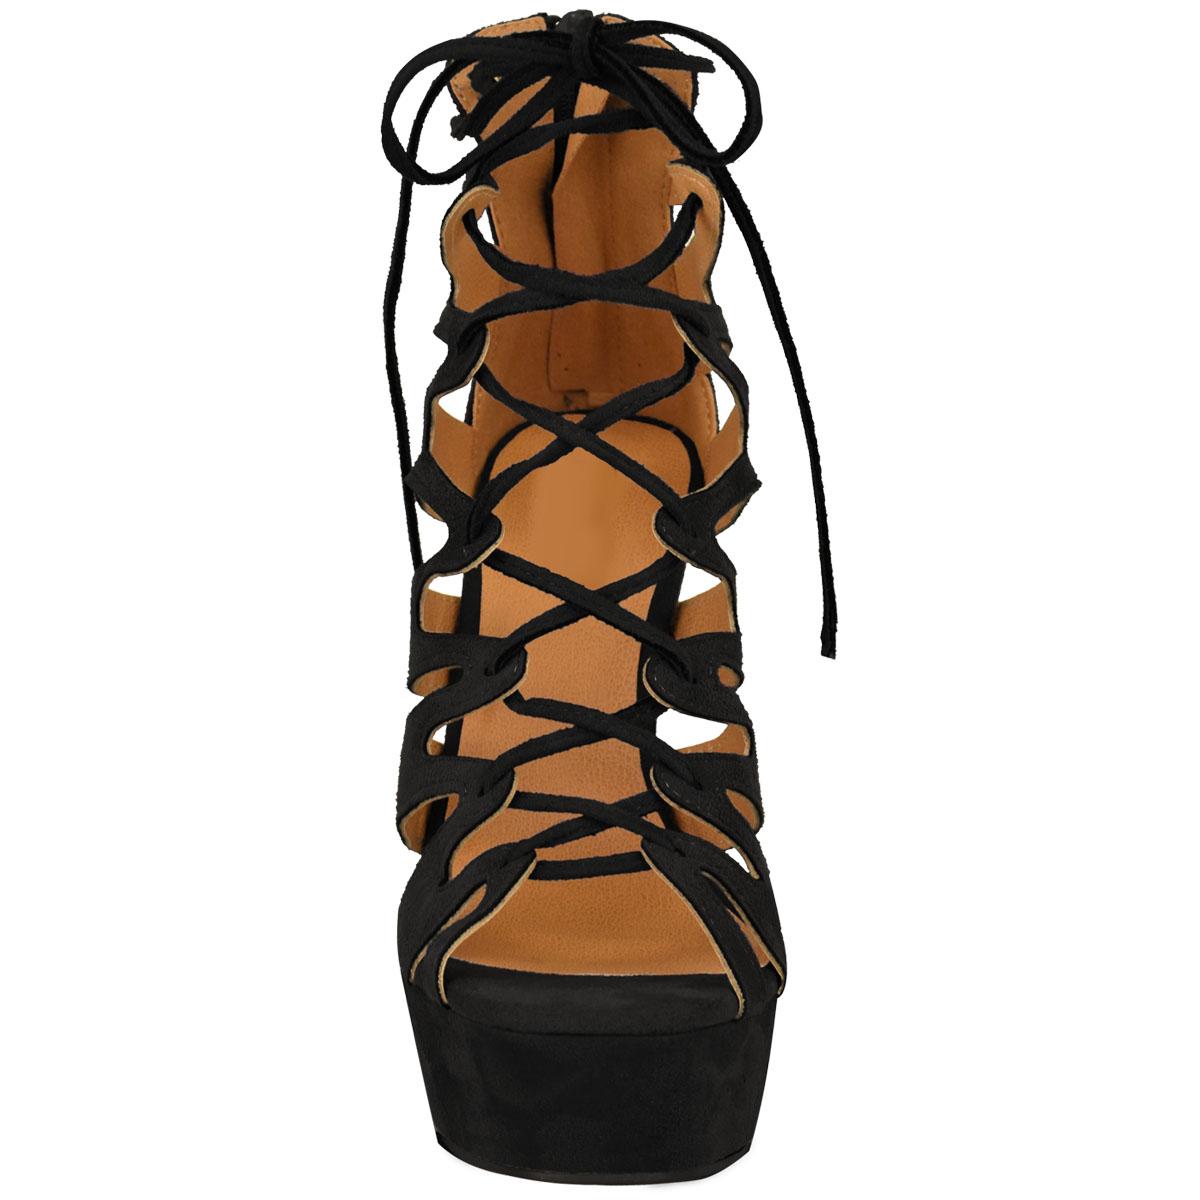 Neue Damen High Heel-Plattform Gladiator Sandalen schnüren Knöchel Schuhe Größe